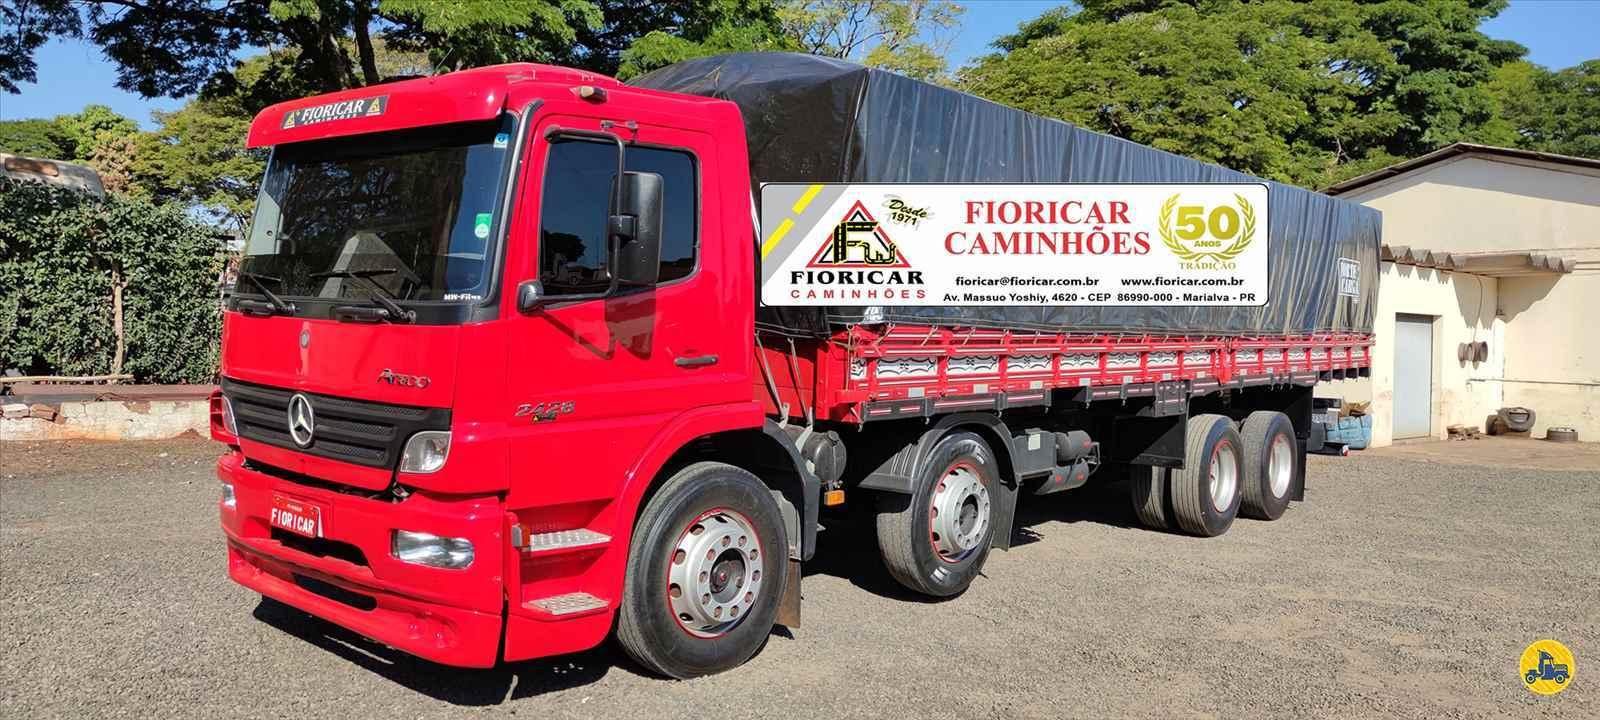 CAMINHAO MERCEDES-BENZ MB 2428 Graneleiro BiTruck 8x2 Fioricar Caminhões MARIALVA PARANÁ PR